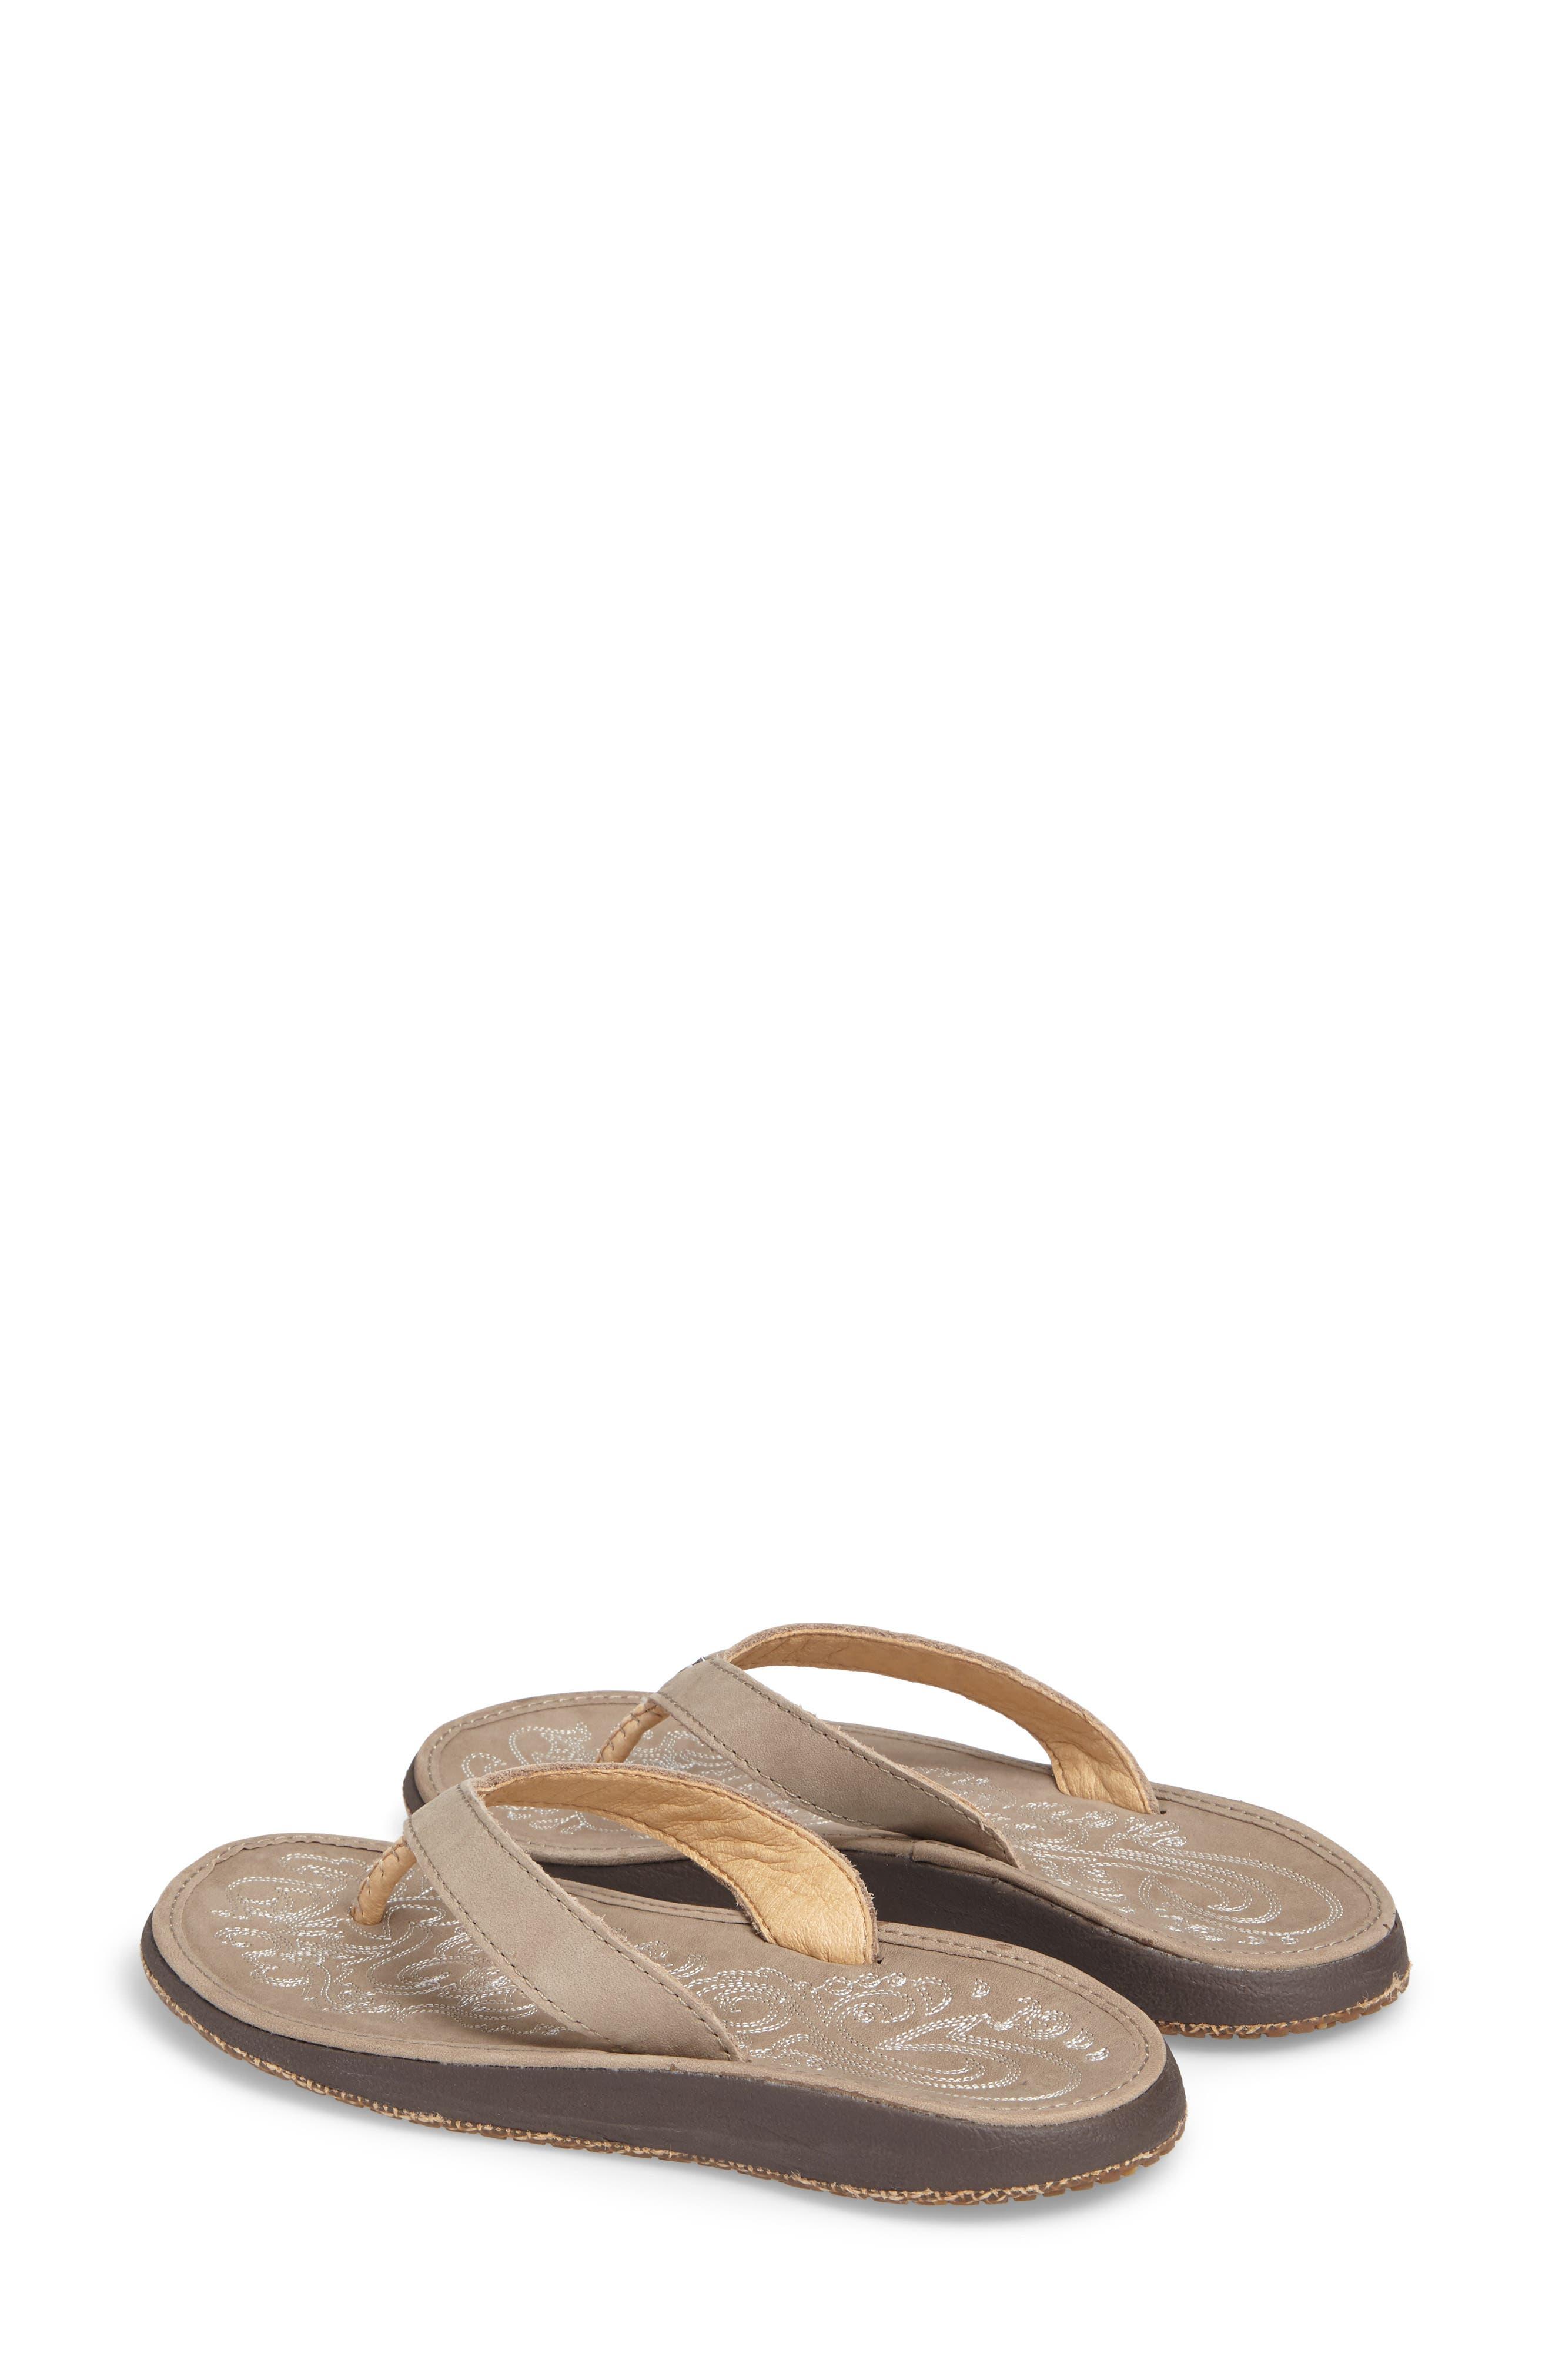 OLUKAI,                             'Paniolo' Thong Sandal,                             Alternate thumbnail 2, color,                             TAUPE/ TAUPE LEATHER